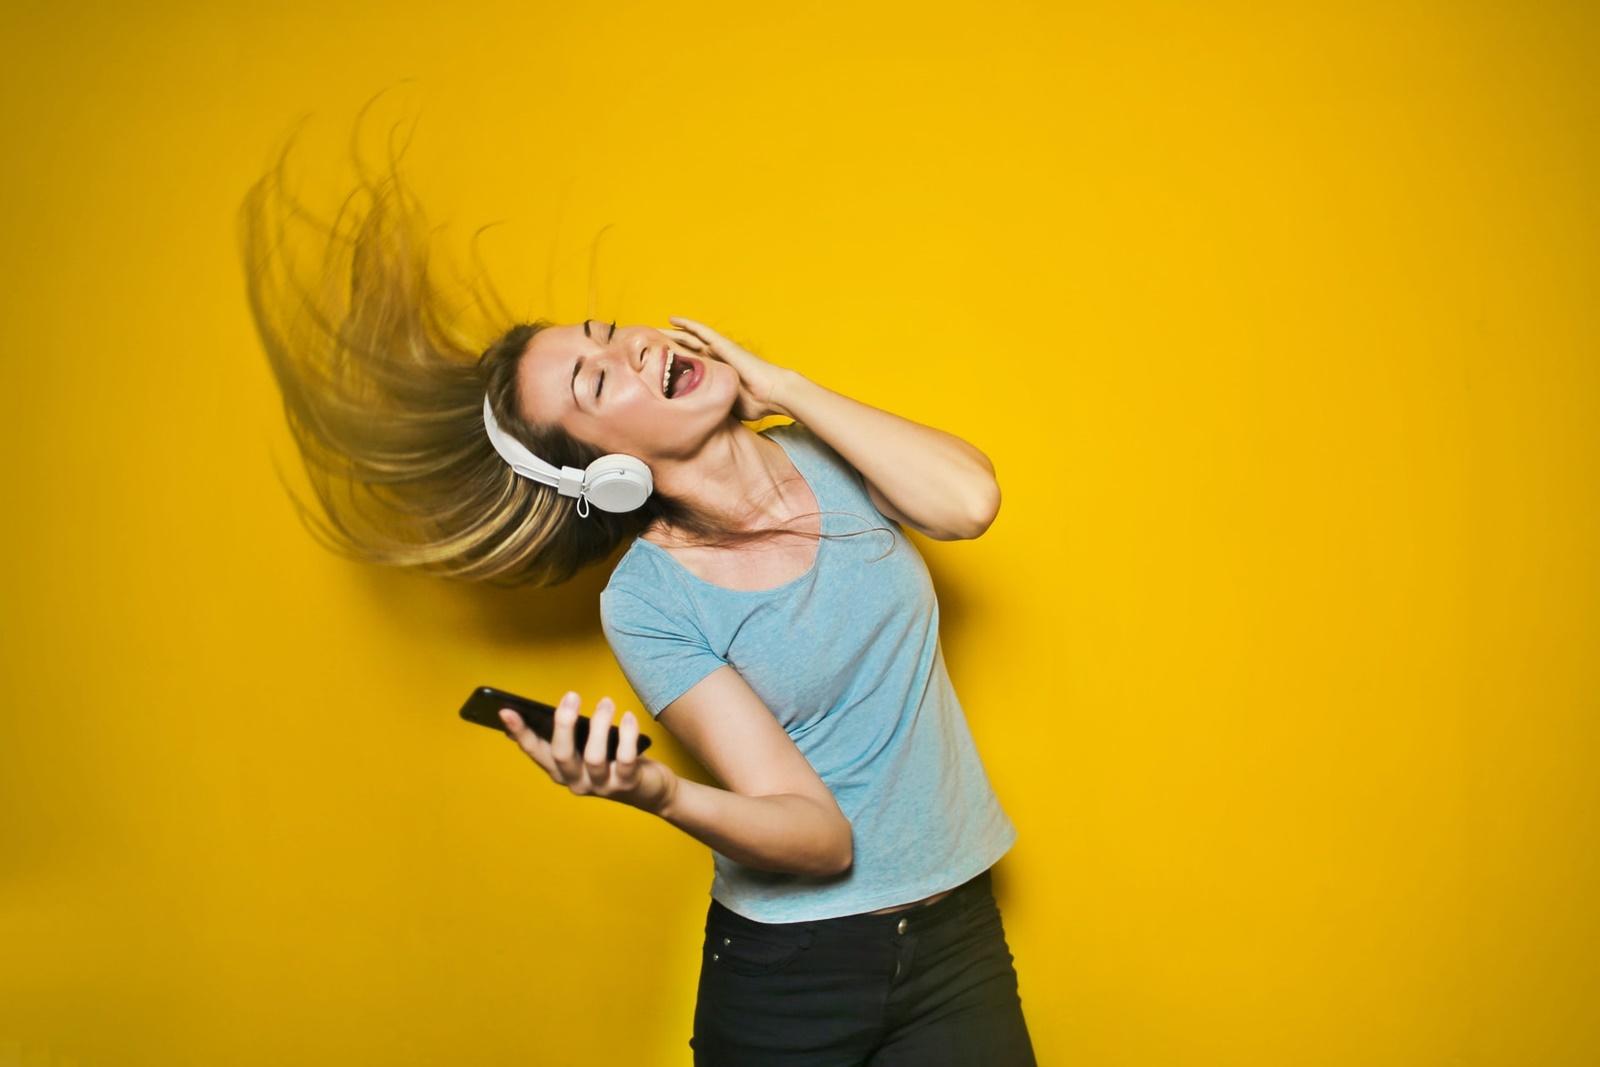 一目惚れしたら聴きたい歌は?みんなに人気の曲は何?9つを厳選してみました!